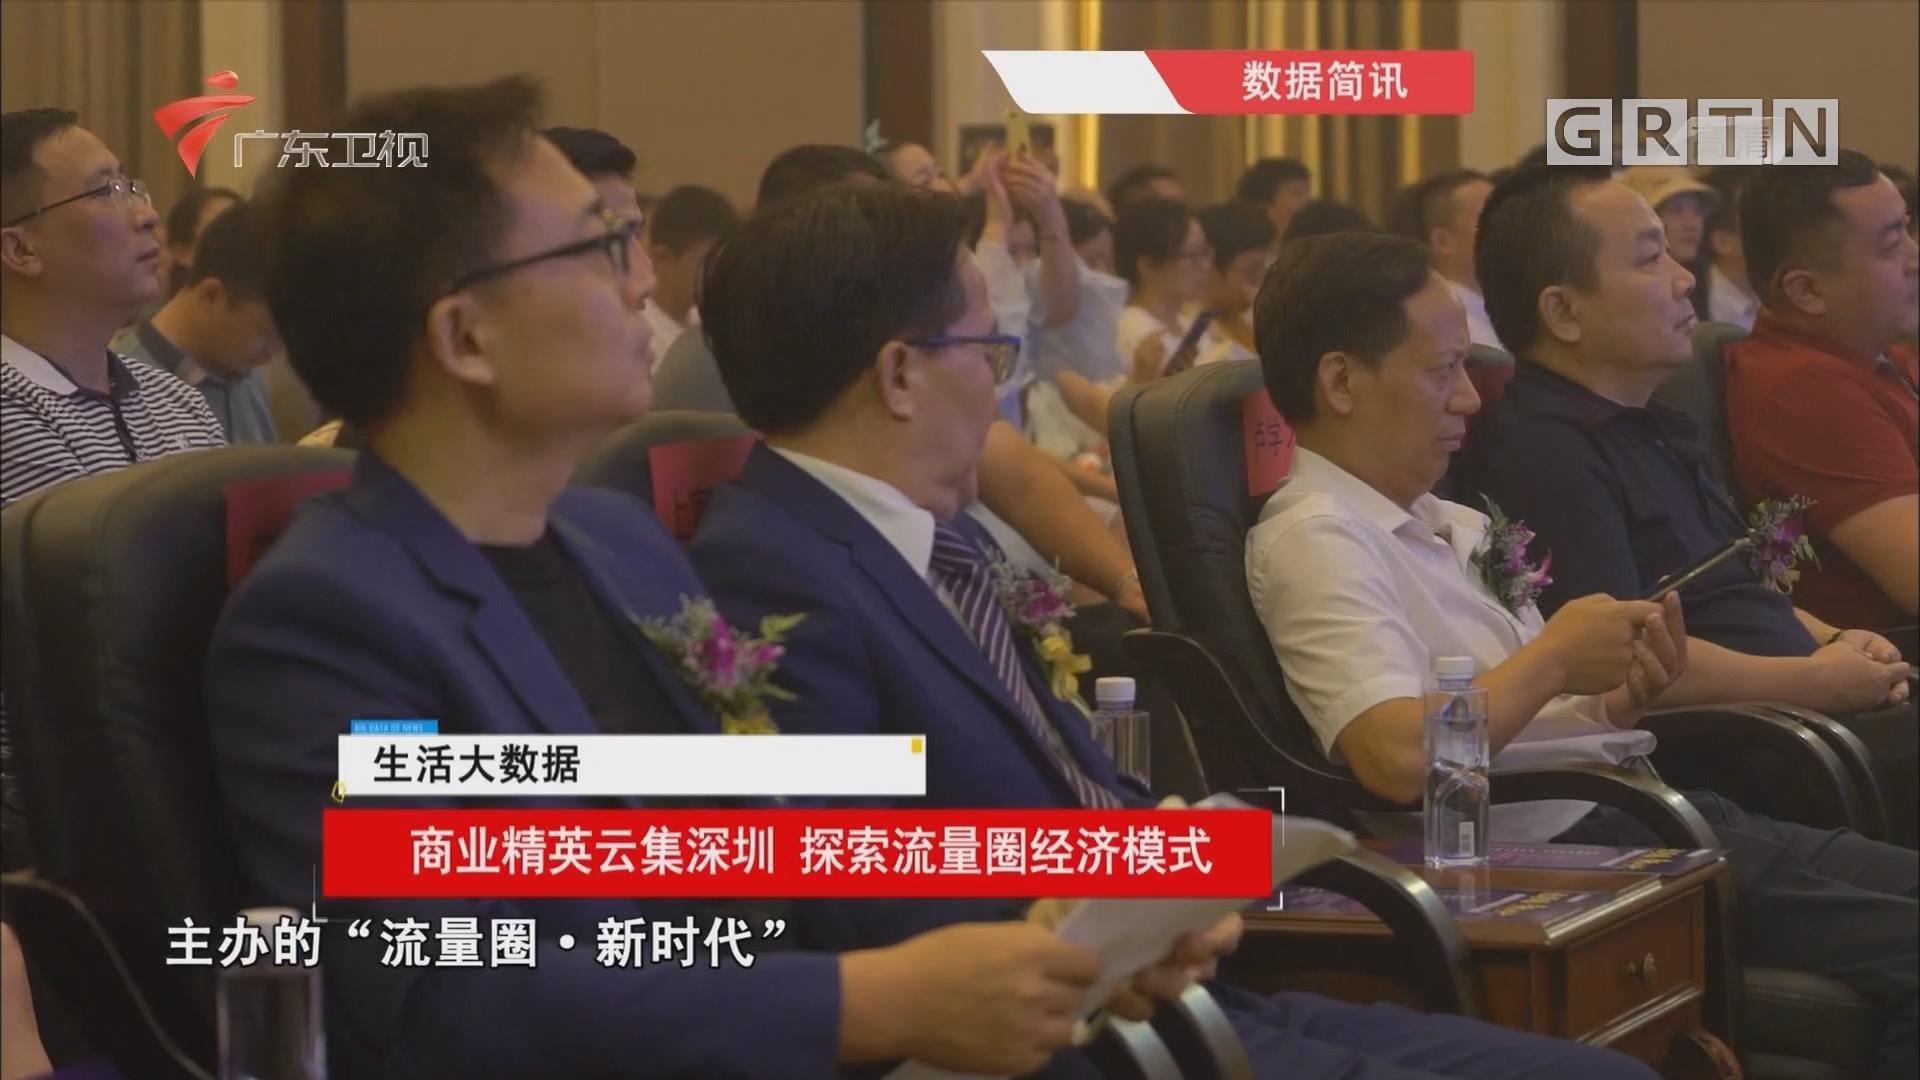 商业精英云集深圳 探索流量圈经济模式